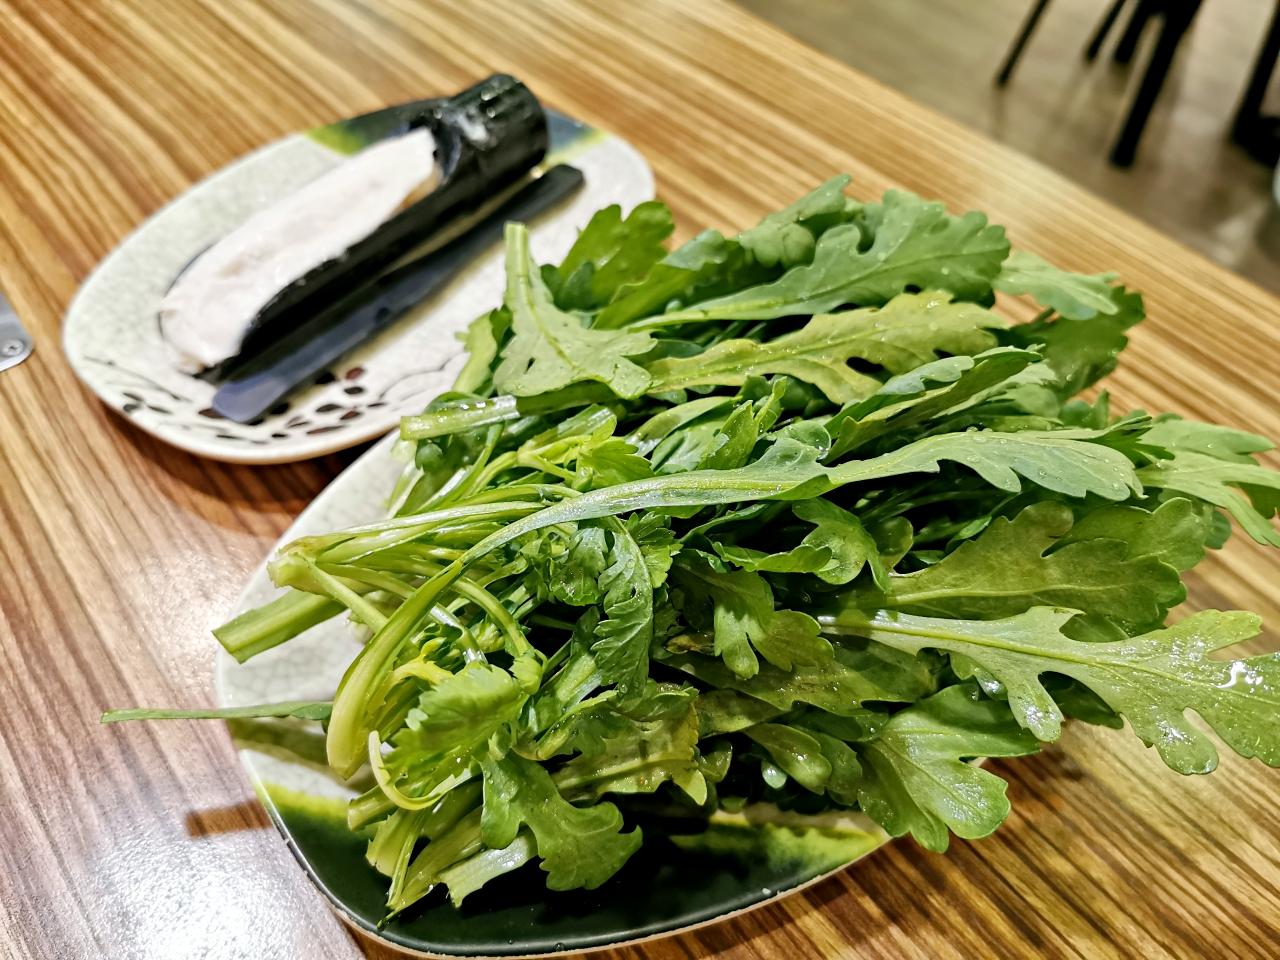 三重美食:山羊城全羊館羊肉爐總店,推薦蔬菜羊肉爐